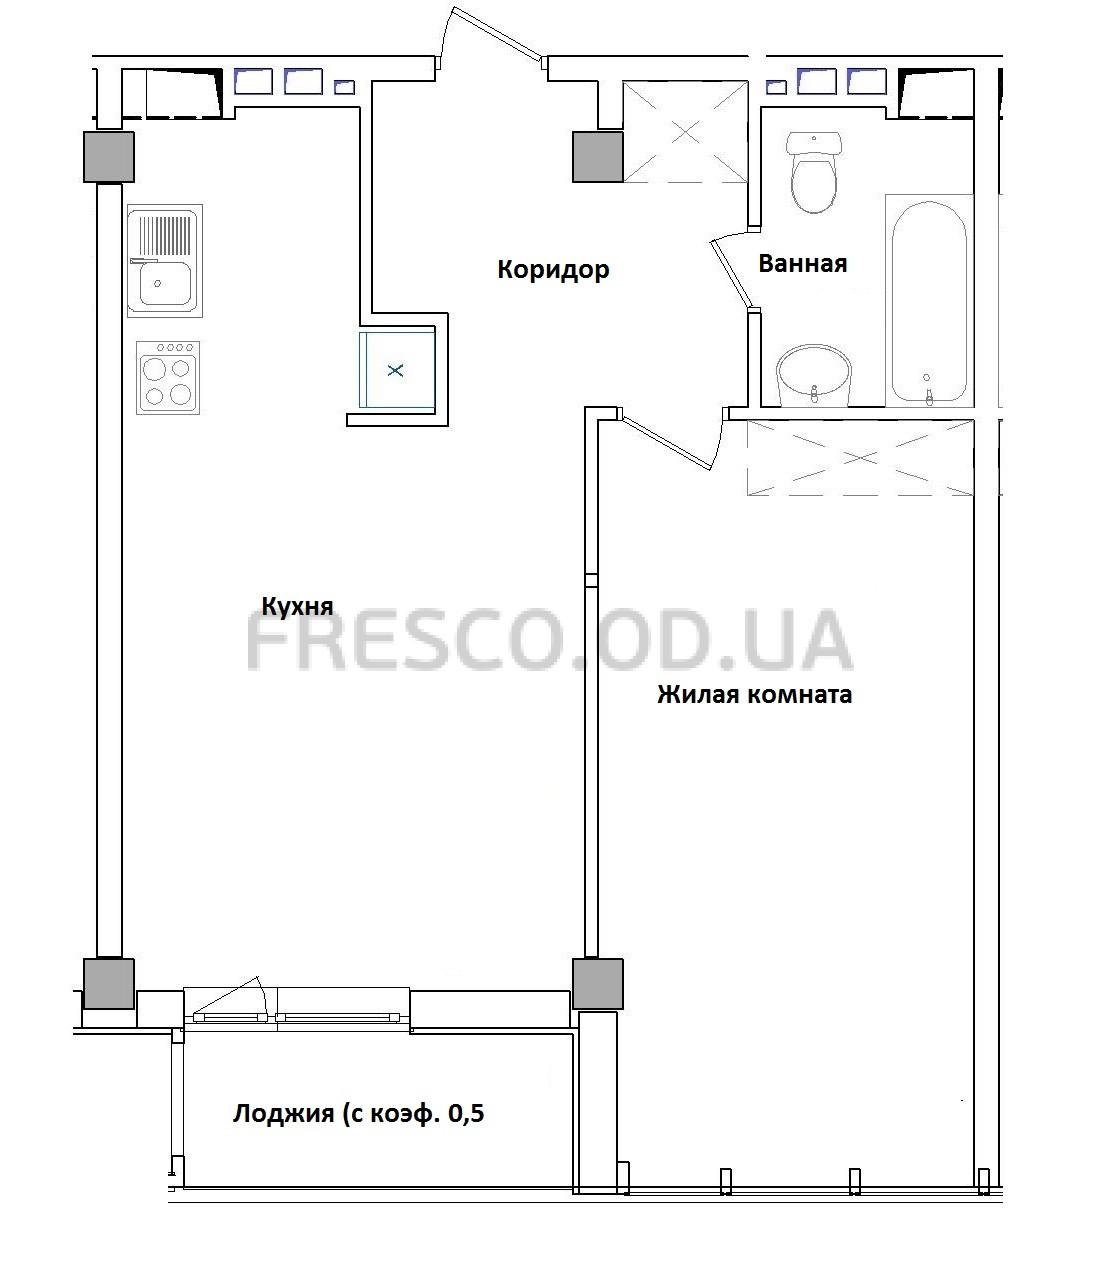 Однокомнатная - ЖК GreenWood (Гринвуд)$73440Площадь:40,8m²